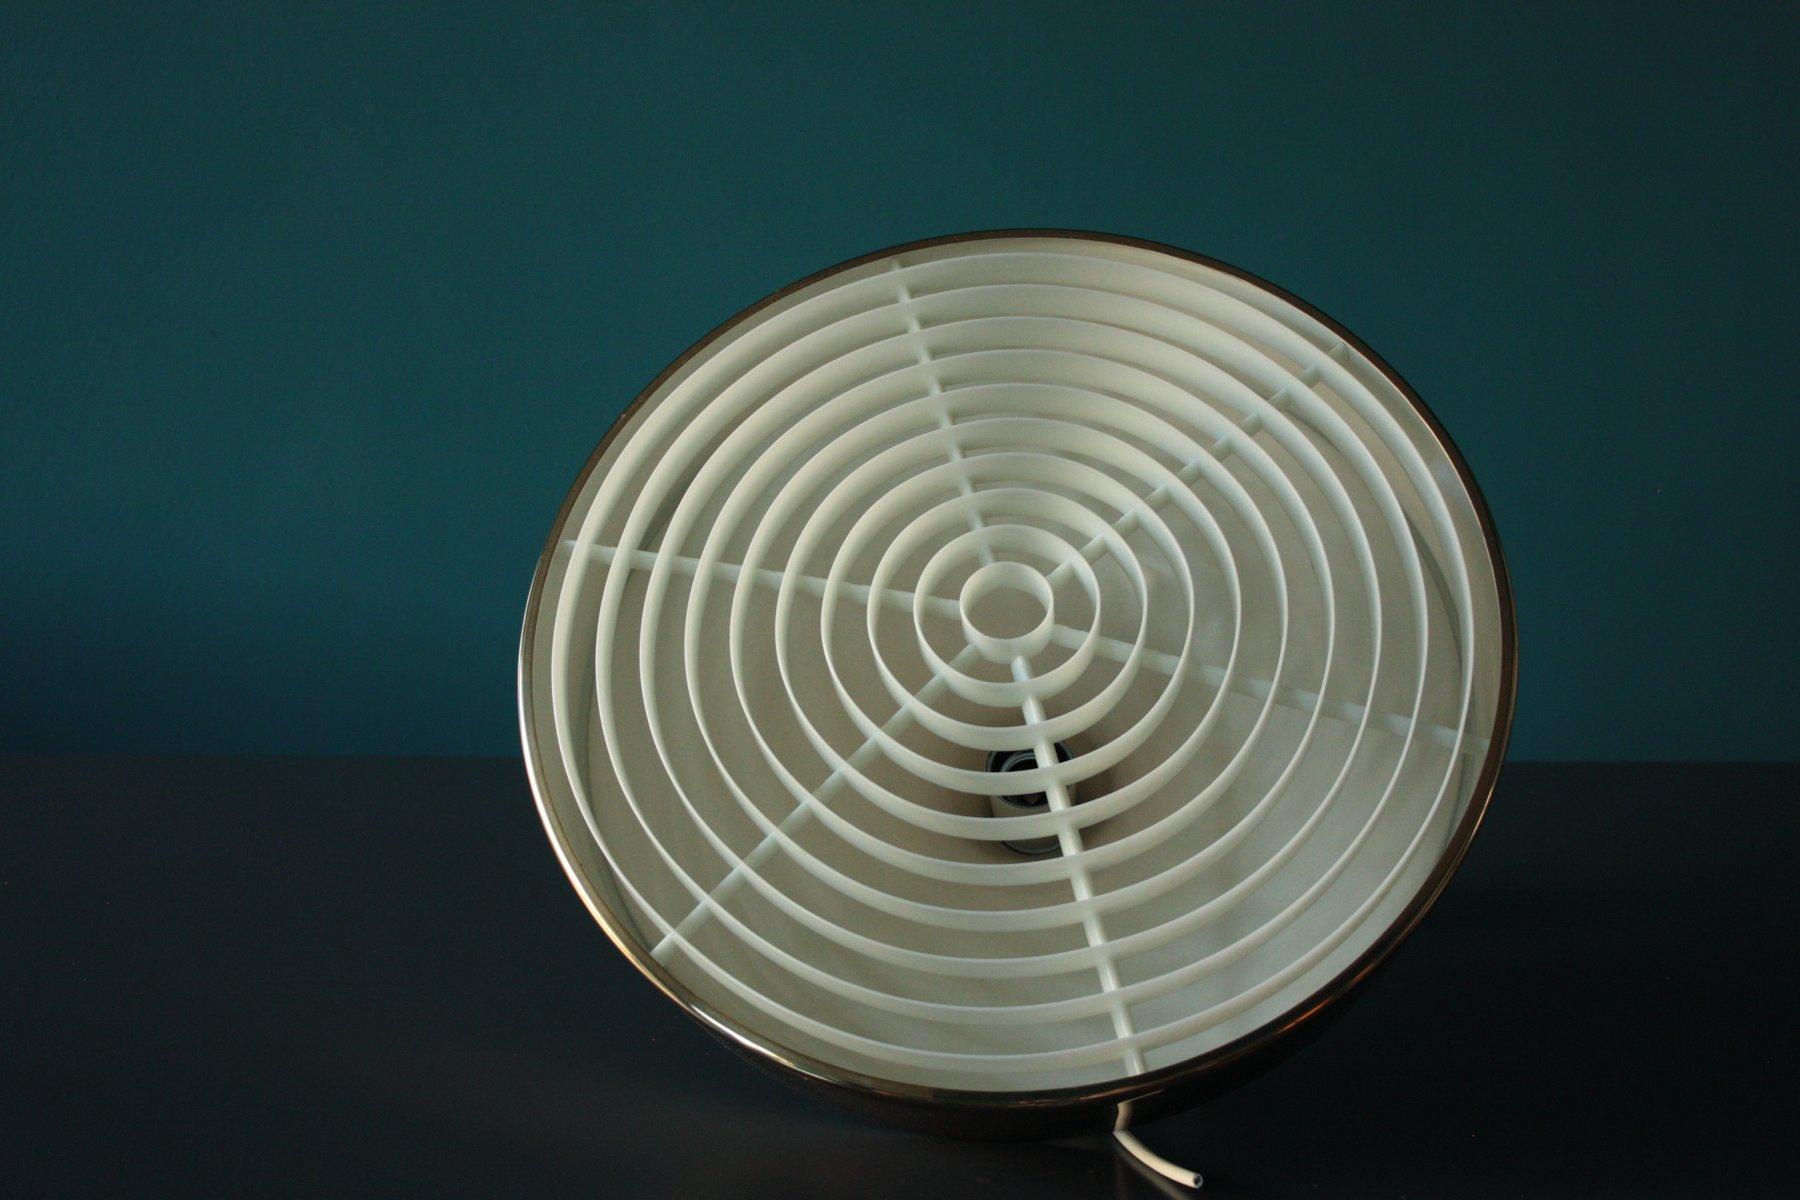 deckenlampe kabel verl ngern entfernen der klemme am kabel f r deckenlampe handwerk lampe. Black Bedroom Furniture Sets. Home Design Ideas